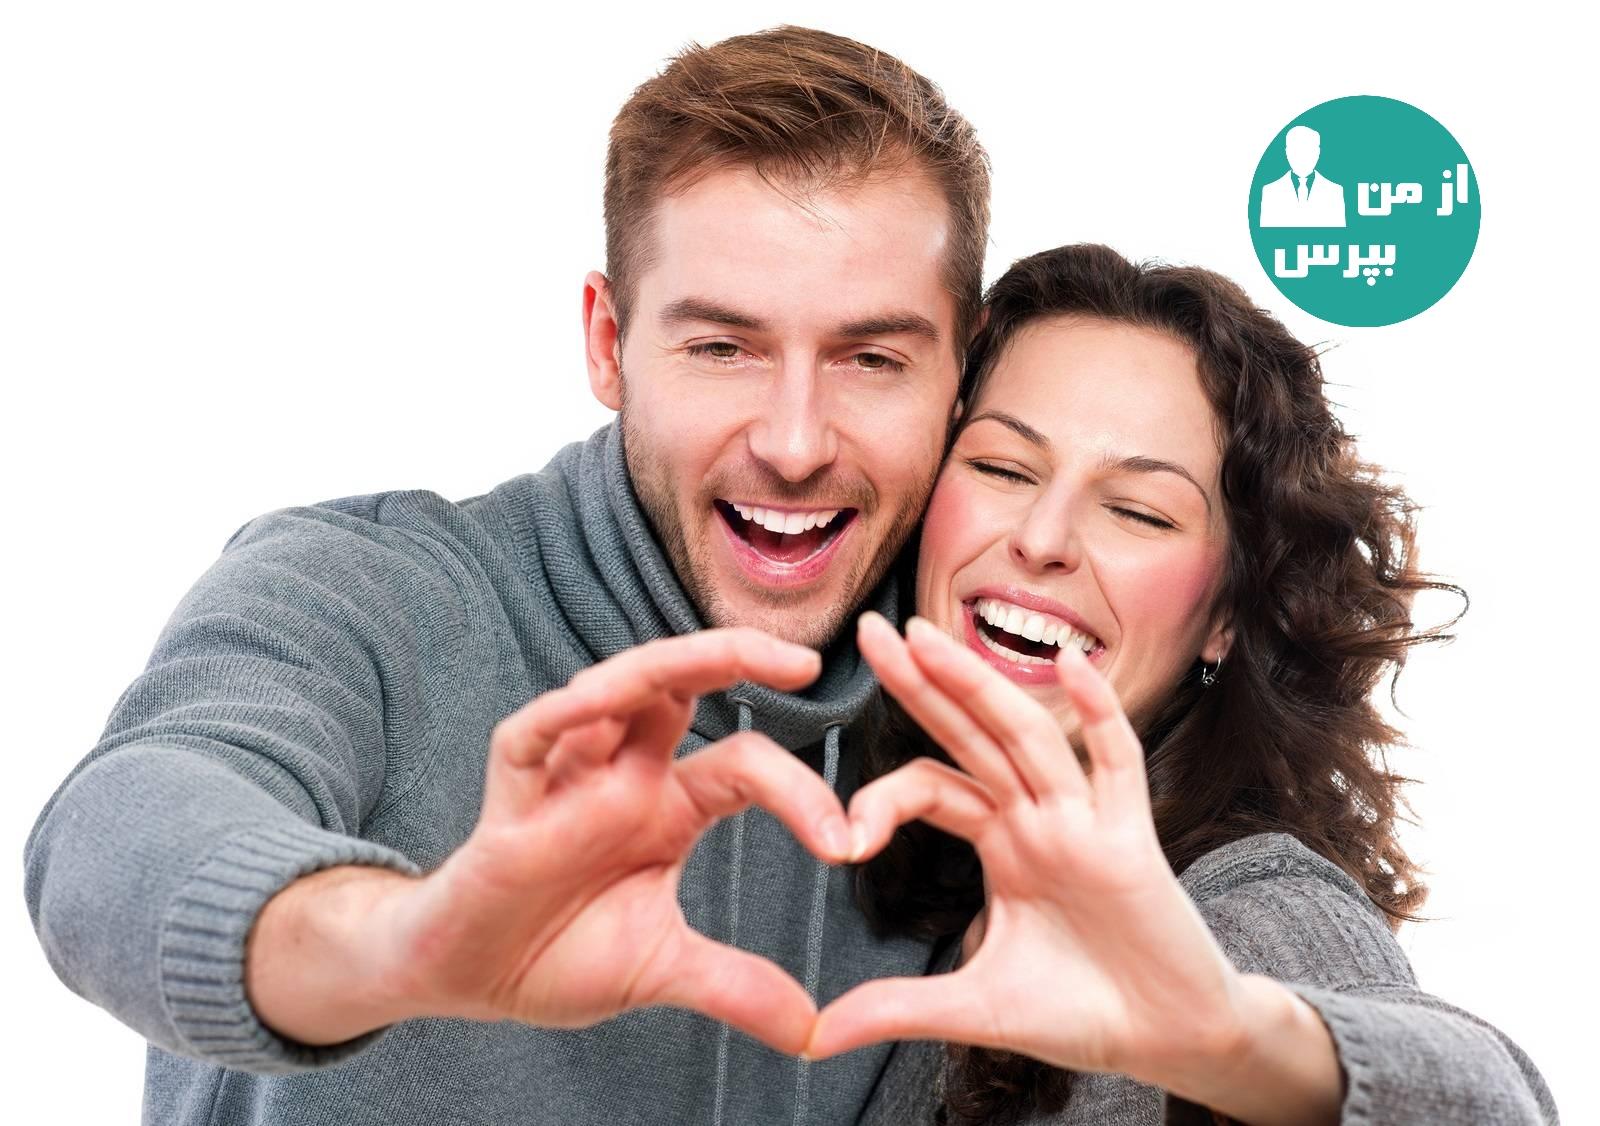 برای افزایش محبت در زندگی زناشویی از چه راهکارهایی استفاده کنیم؟